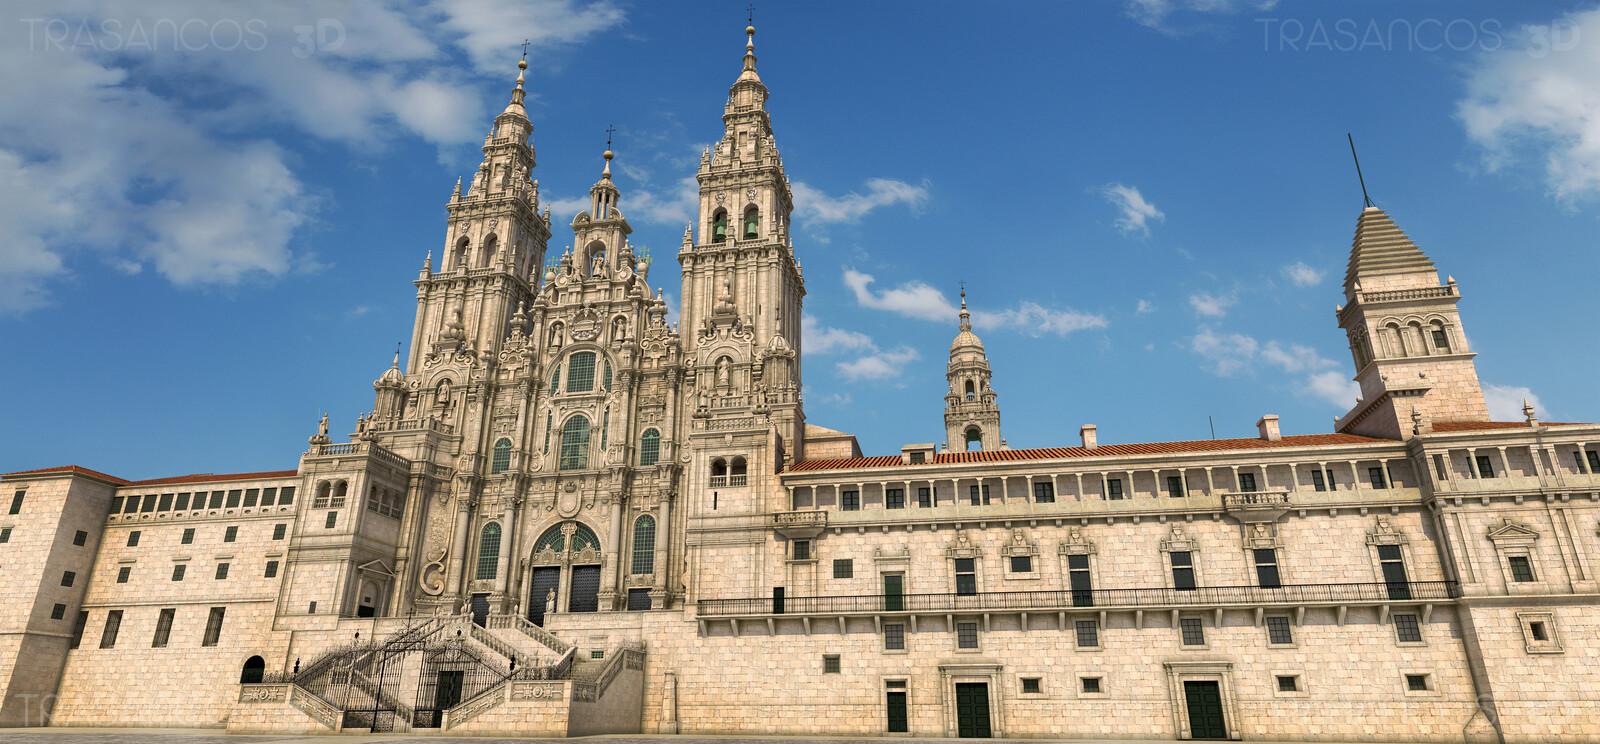 3D illustration. Exterior. Obradoiro facade of  the cathedral of Santiago de Compostela.